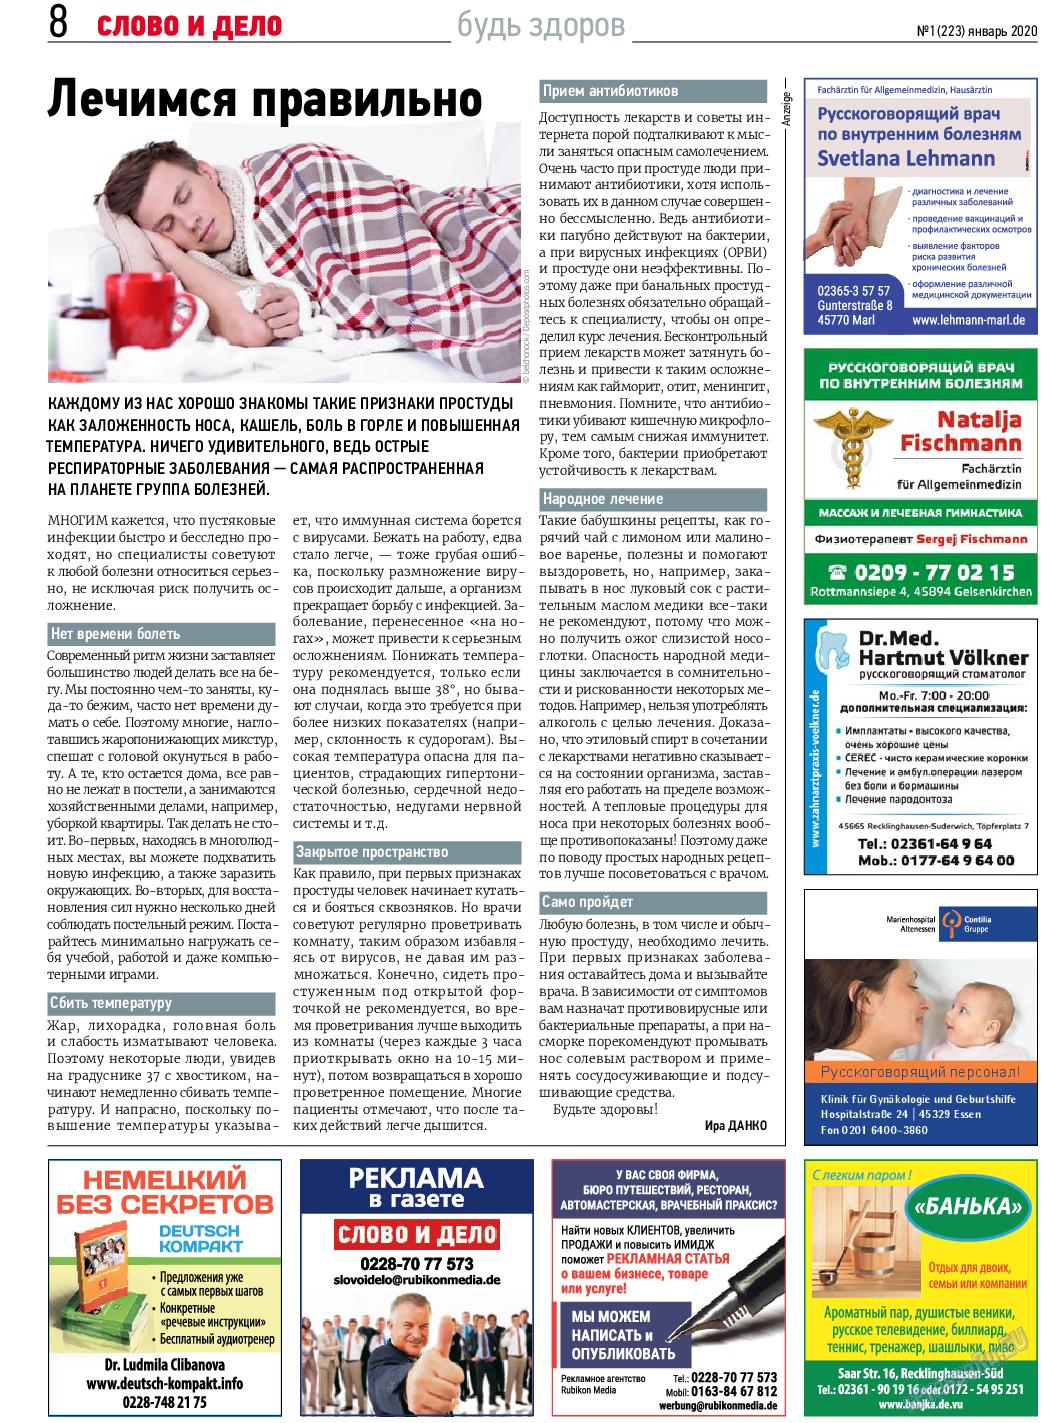 Слово и дело (газета). 2020 год, номер 1, стр. 8